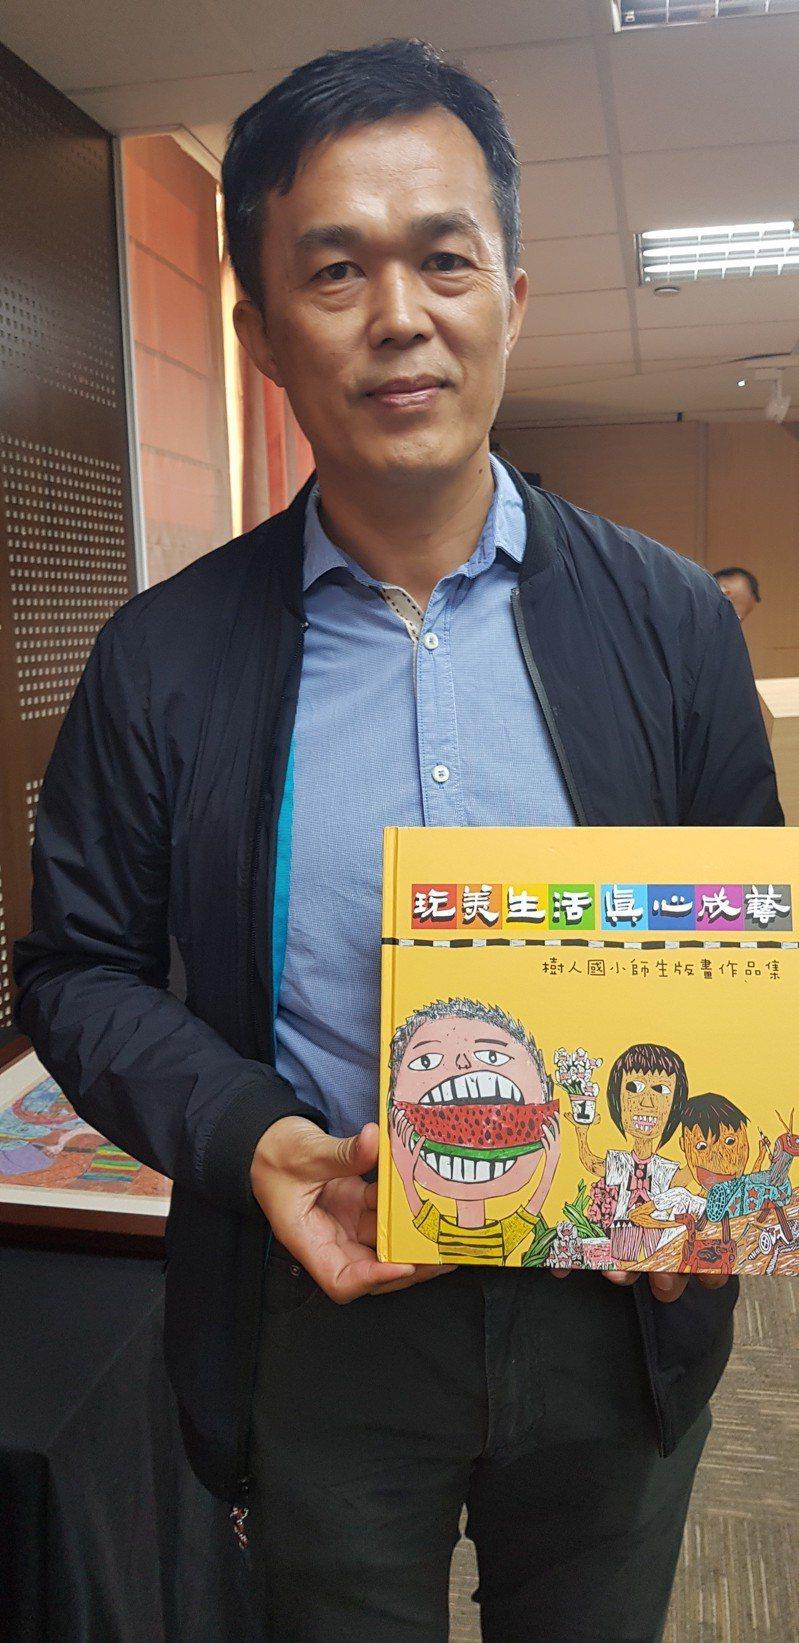 台南後壁國小校長劉裕承與最近剛出版的學生版畫作品集。記者修瑞瑩/攝影